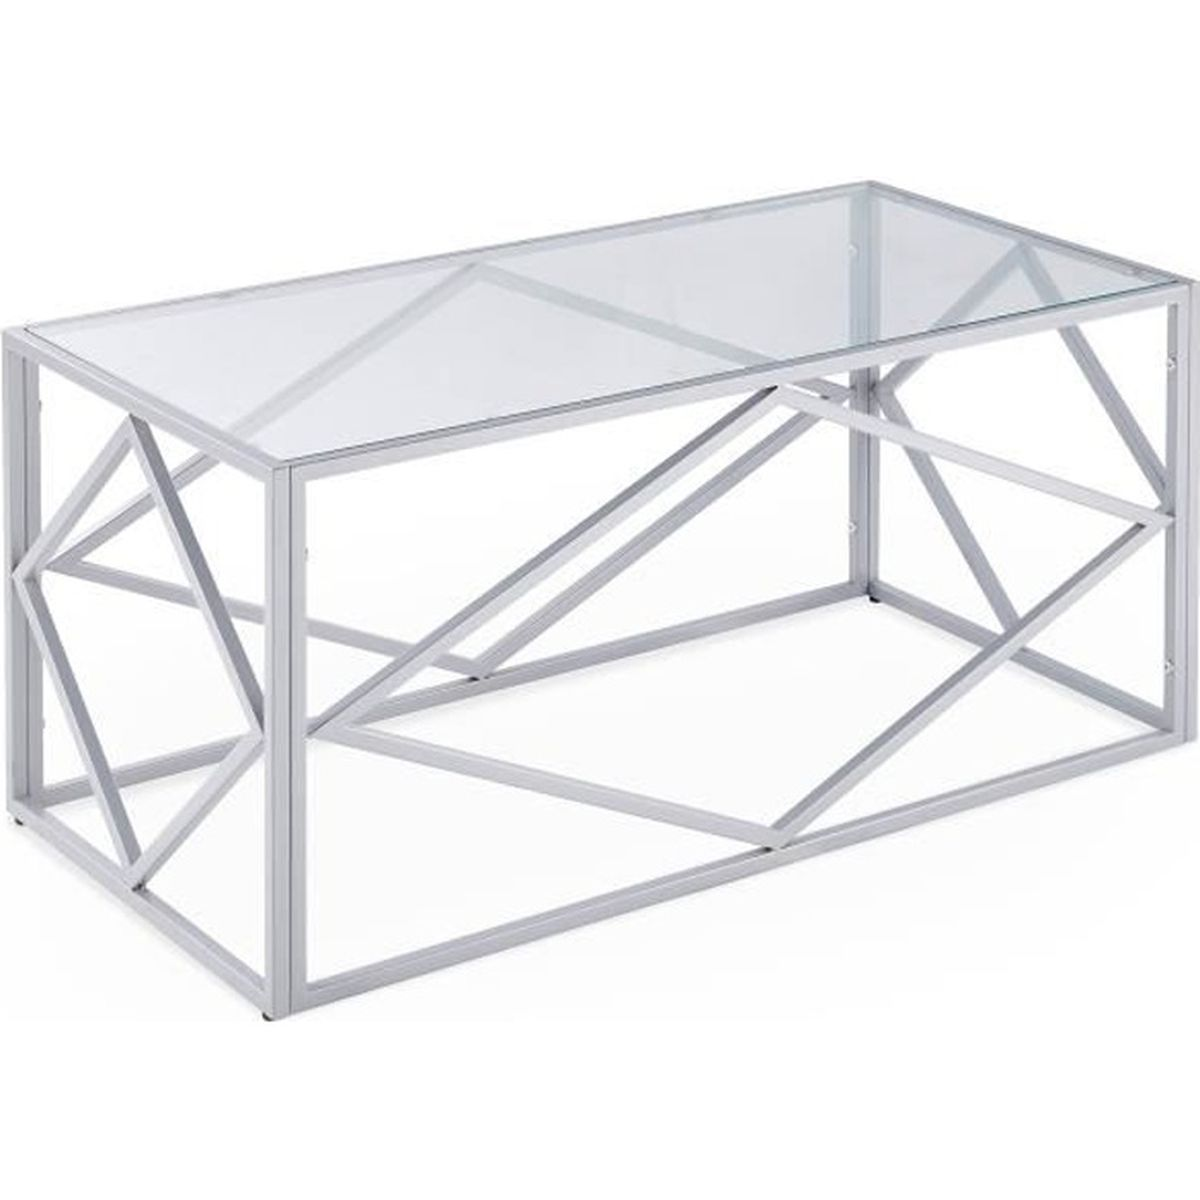 Table basse rectangulaire en verre et métal argenté